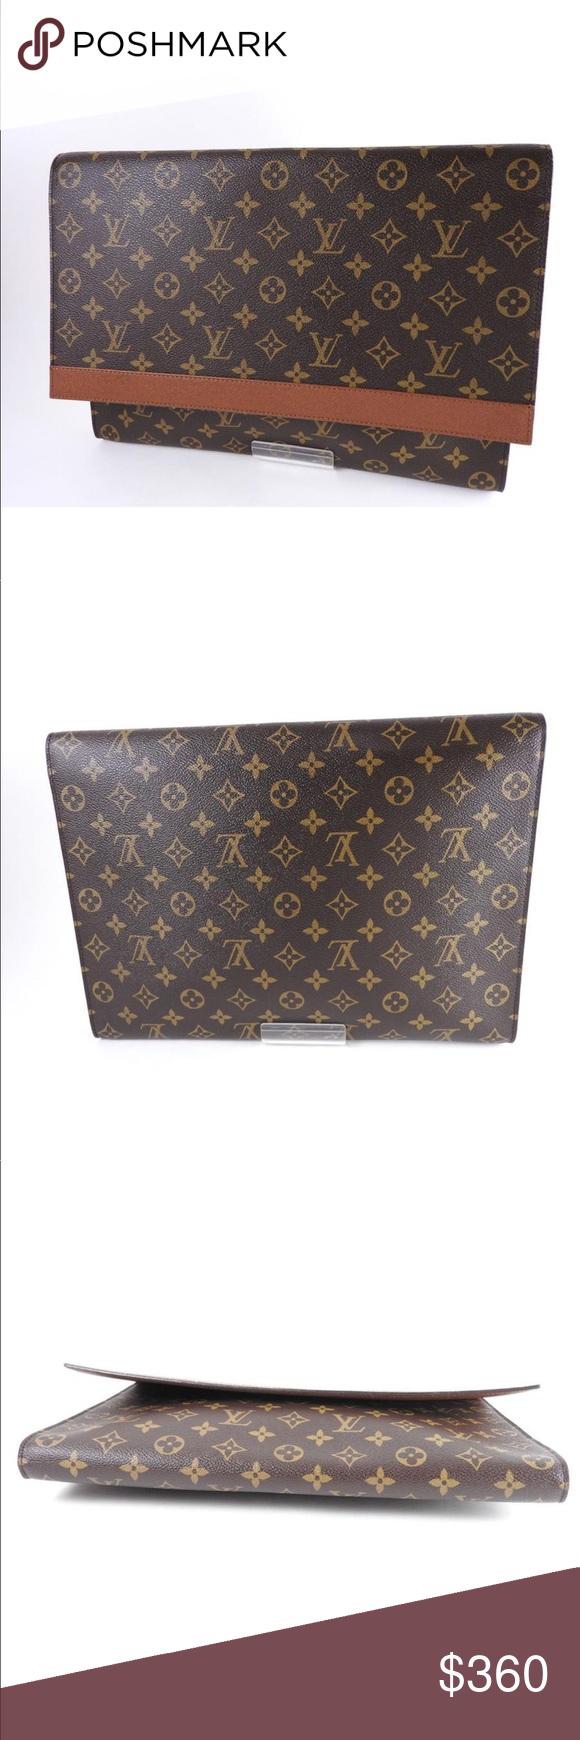 Authentic Louis Vuitton Envelope Clutch Louis Vuitton Authentic Louis Vuitton Vintage Elegant